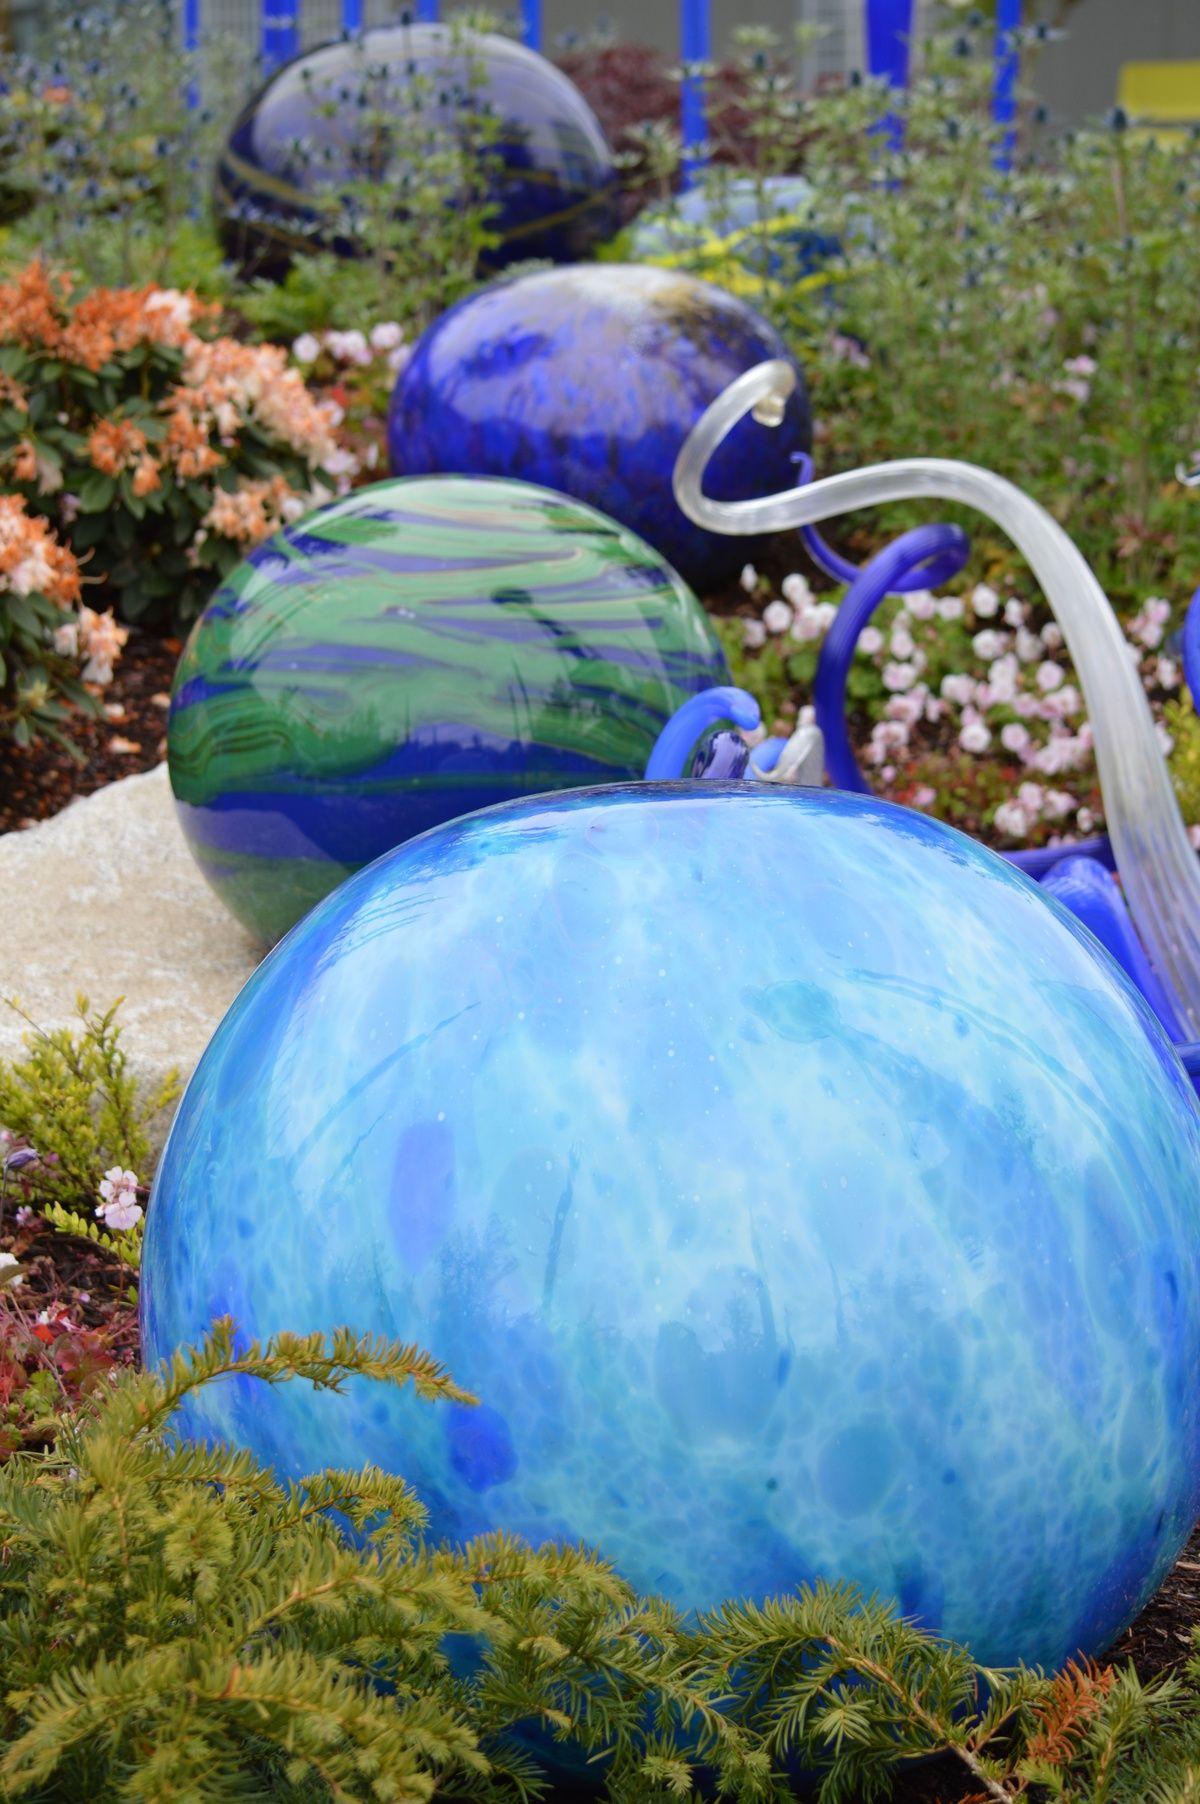 Chihuly garden spheres garden design pinterest for Sphere garden design